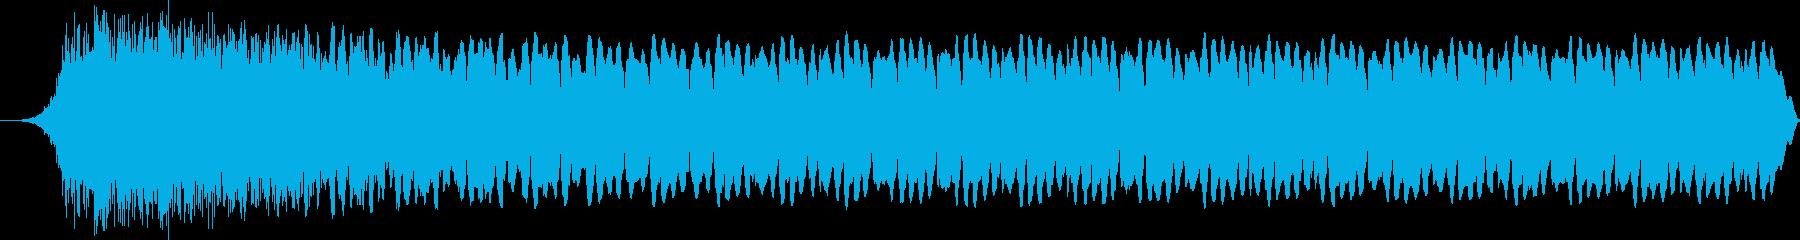 シューという高音の叫び声、スペース...の再生済みの波形